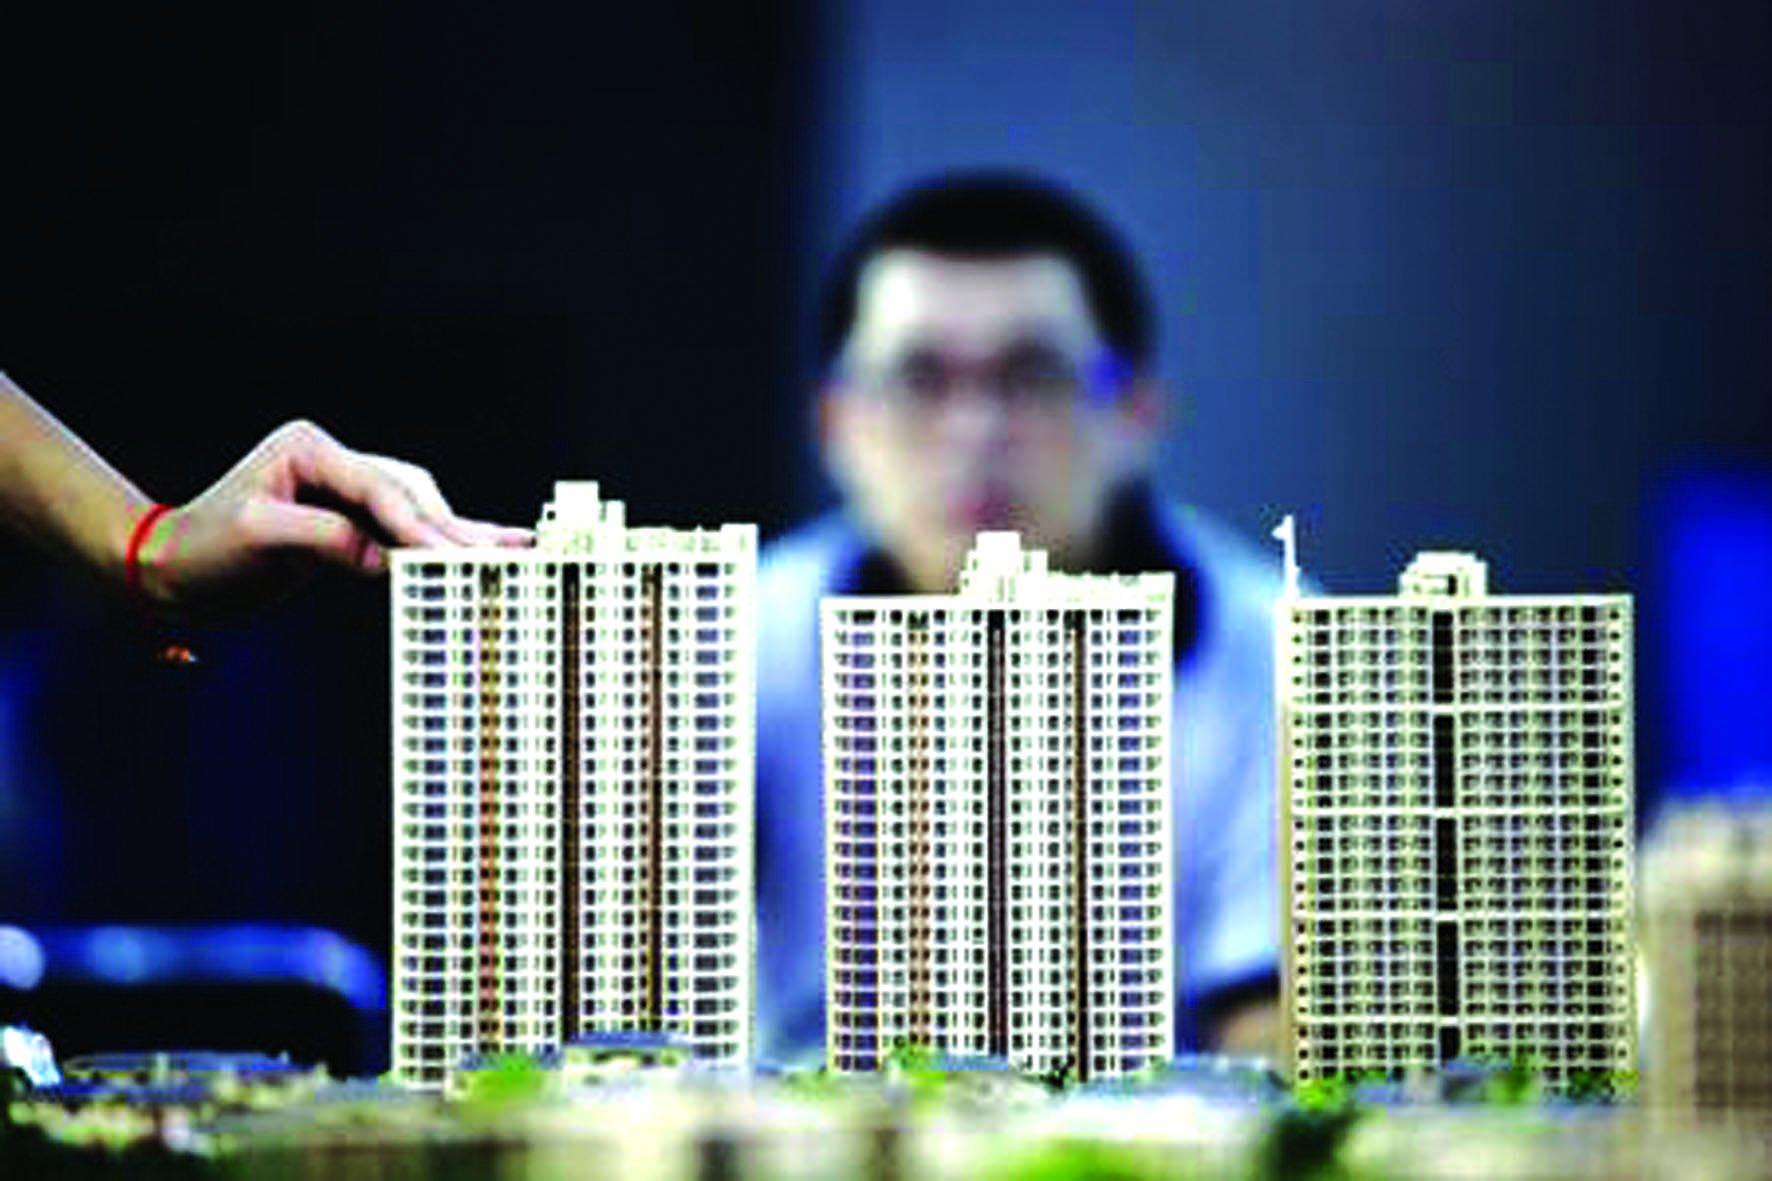 全国楼市现降温信号 三线城市房价降幅最大